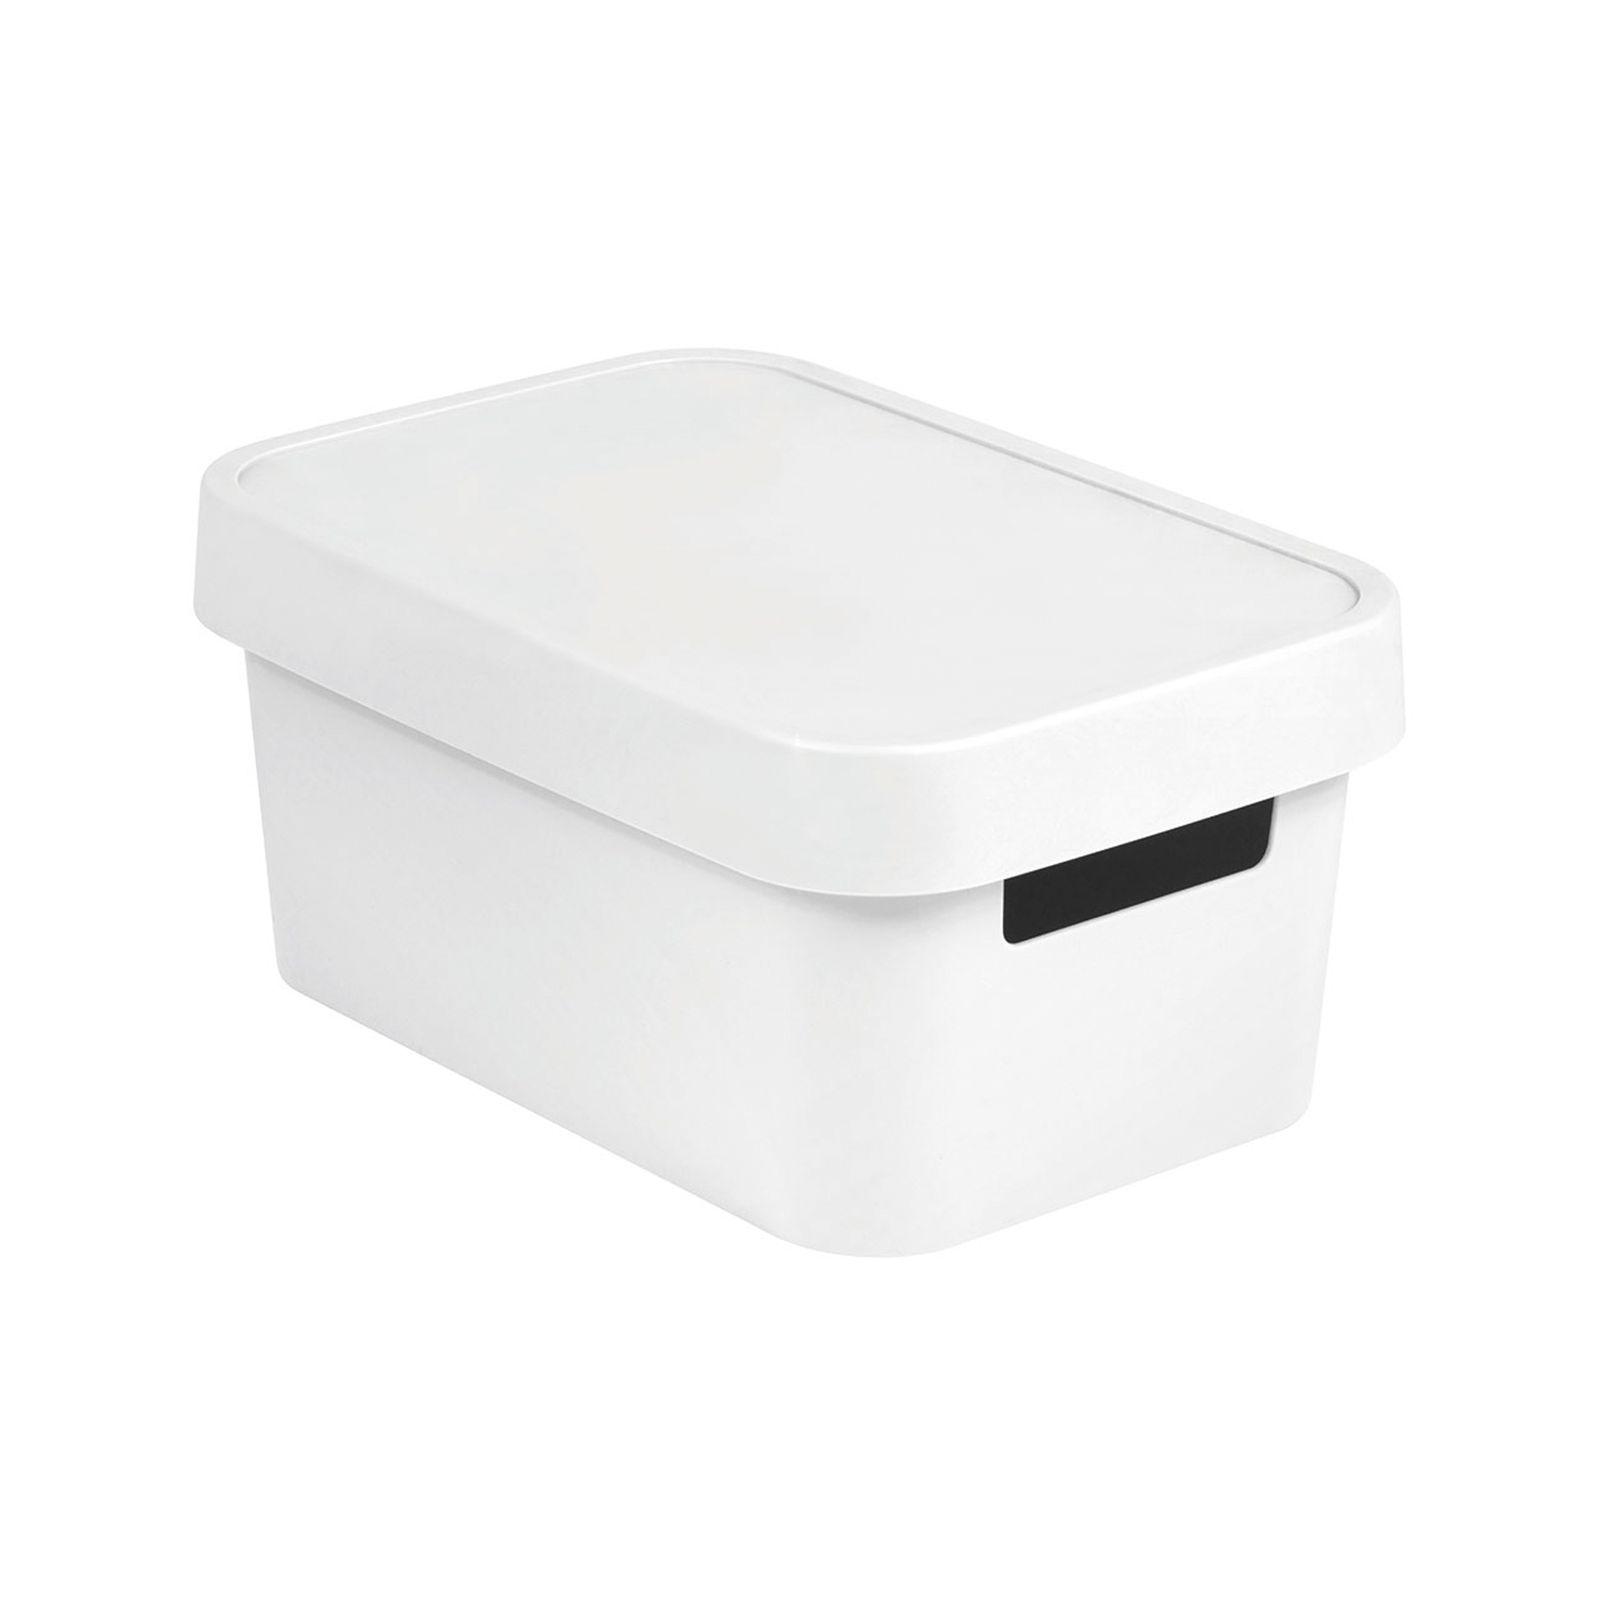 Pojemnik z pokrywą 4,5L Infinity biały CURVER